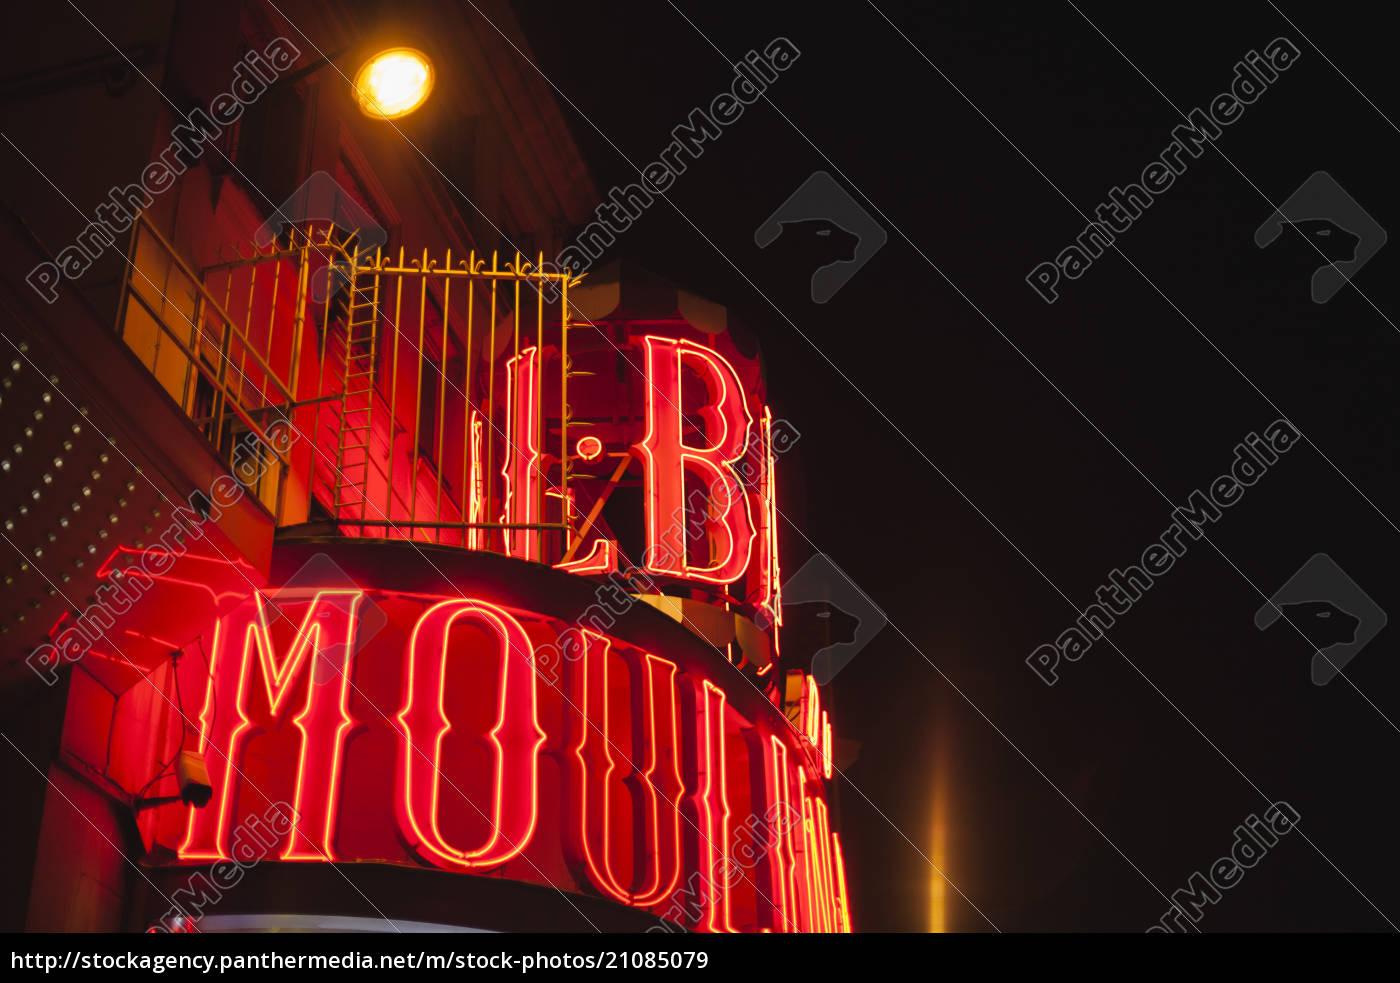 frankreich, paris, lightes, moulin, rouge, in, der, nacht - 21085079